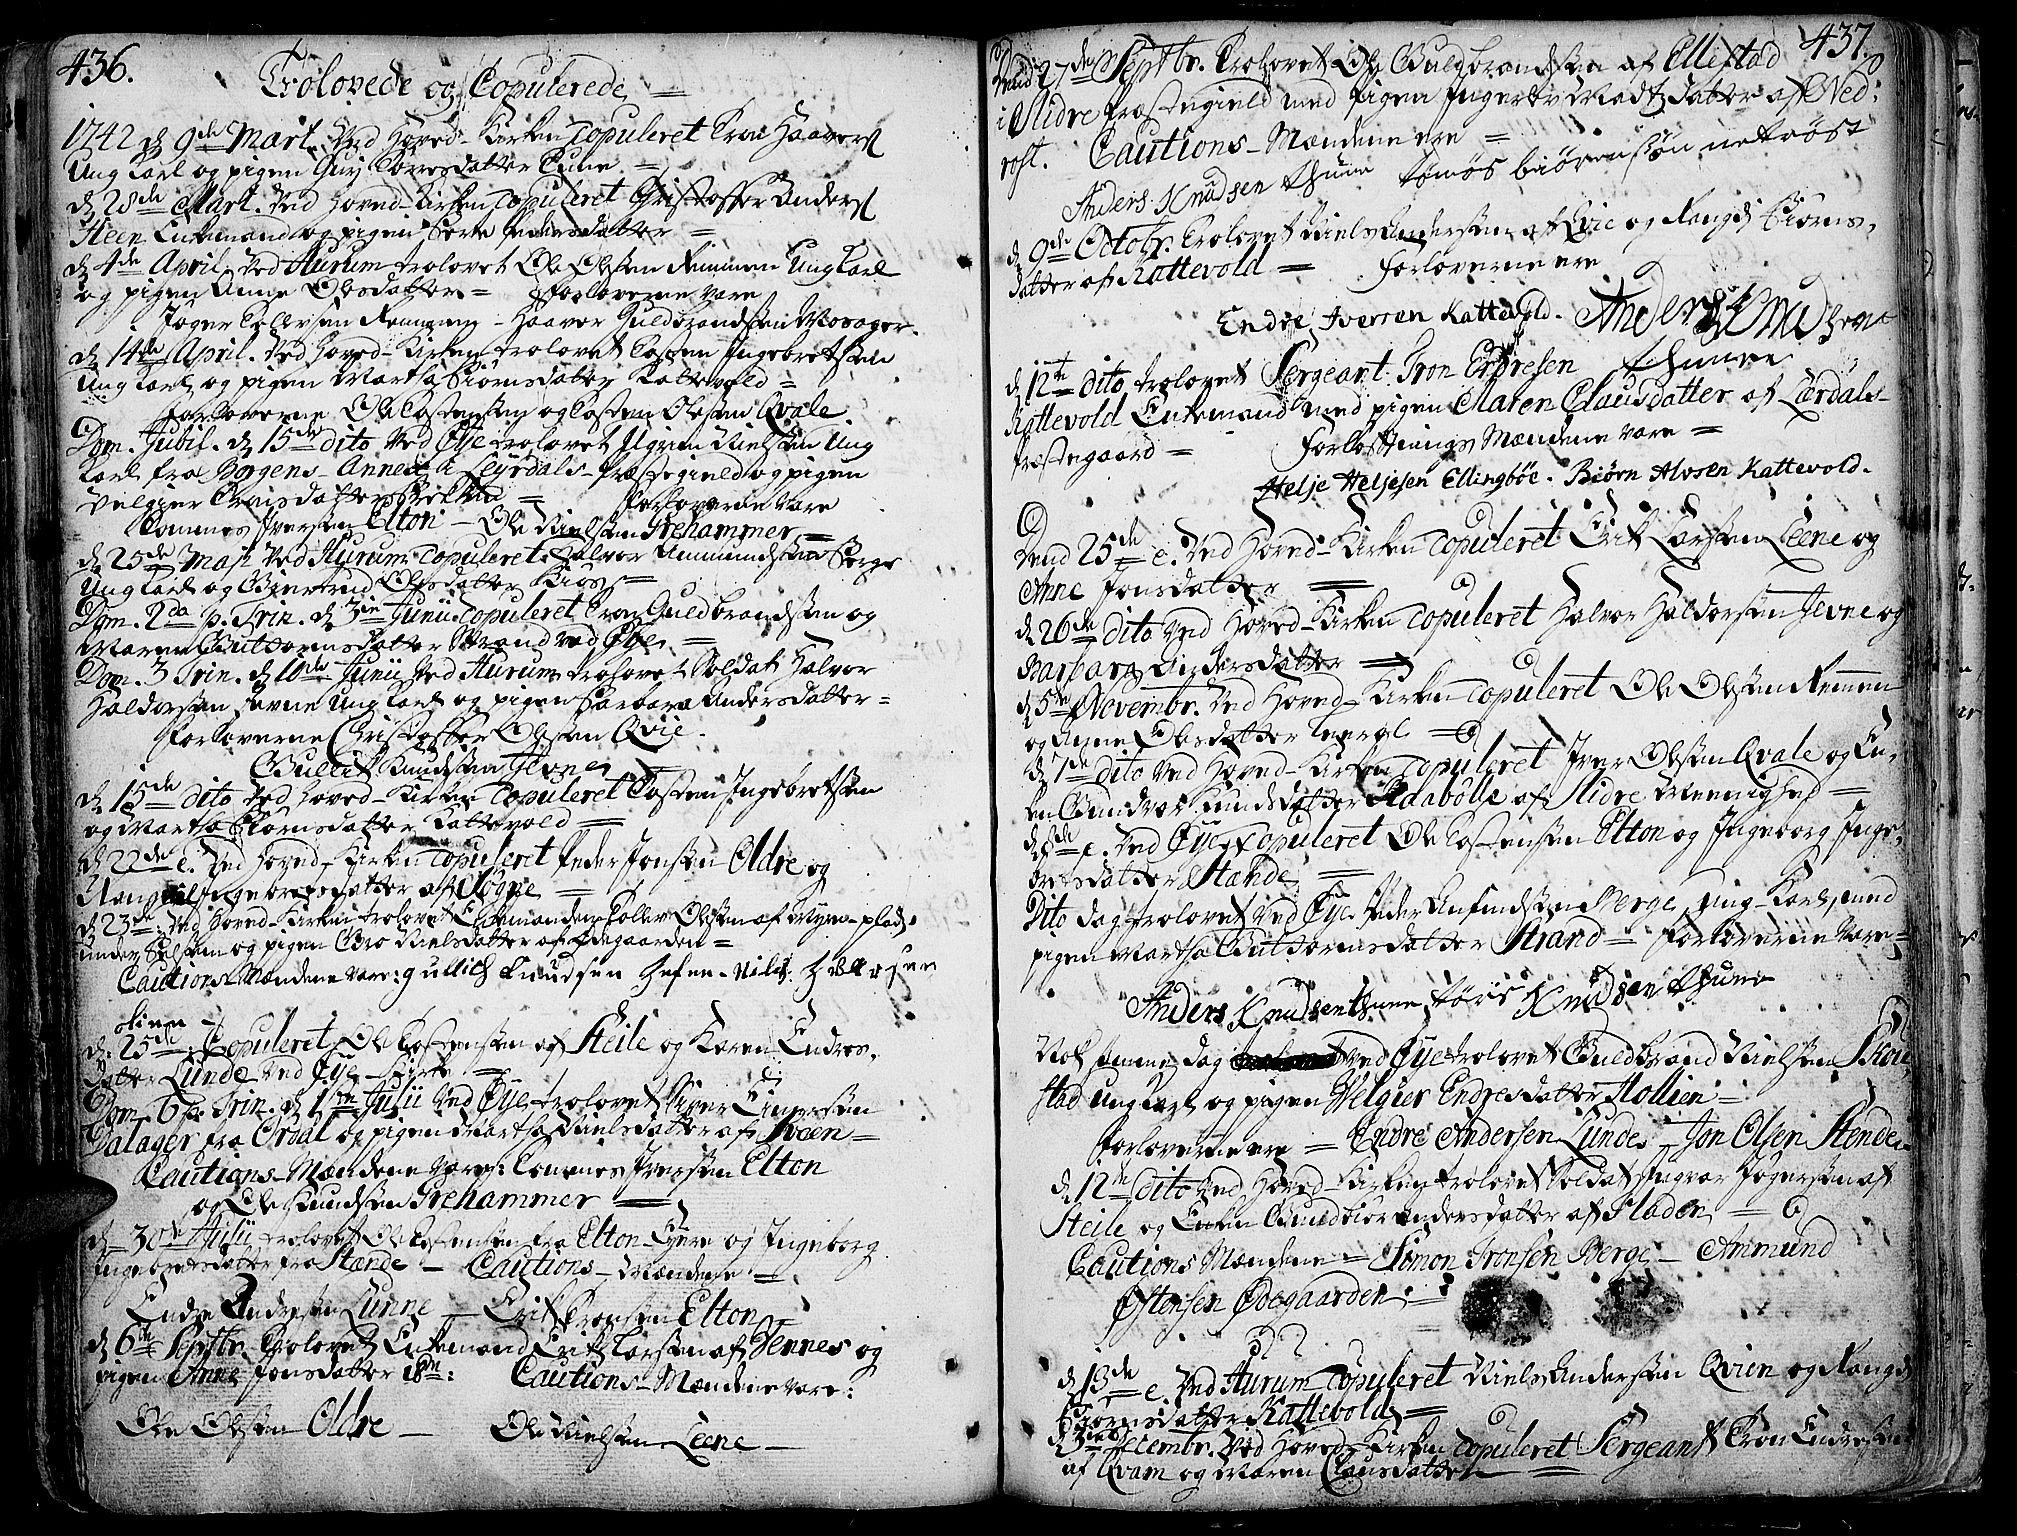 SAH, Vang prestekontor, Valdres, Ministerialbok nr. 1, 1730-1796, s. 436-437